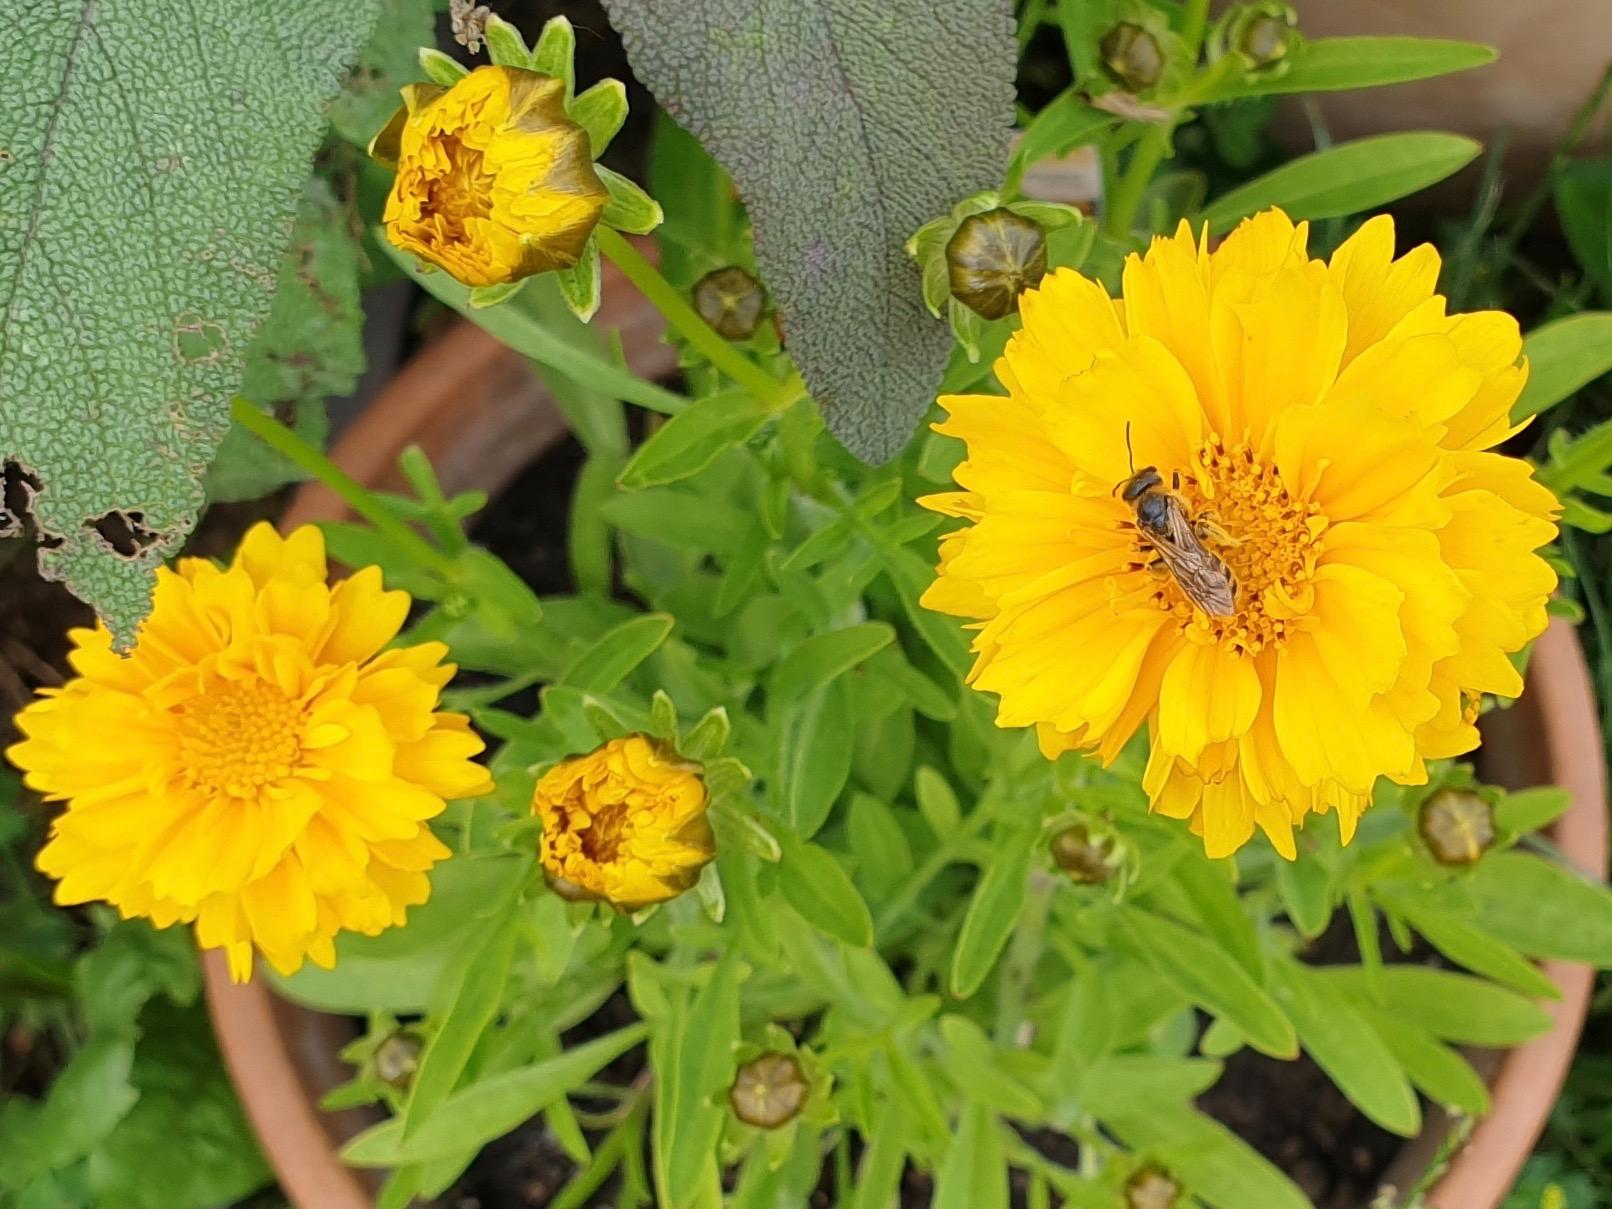 Schwebfliege an Großblumiges Mädchenauge (Coreopsis grandiflora 'Early Sunrise'